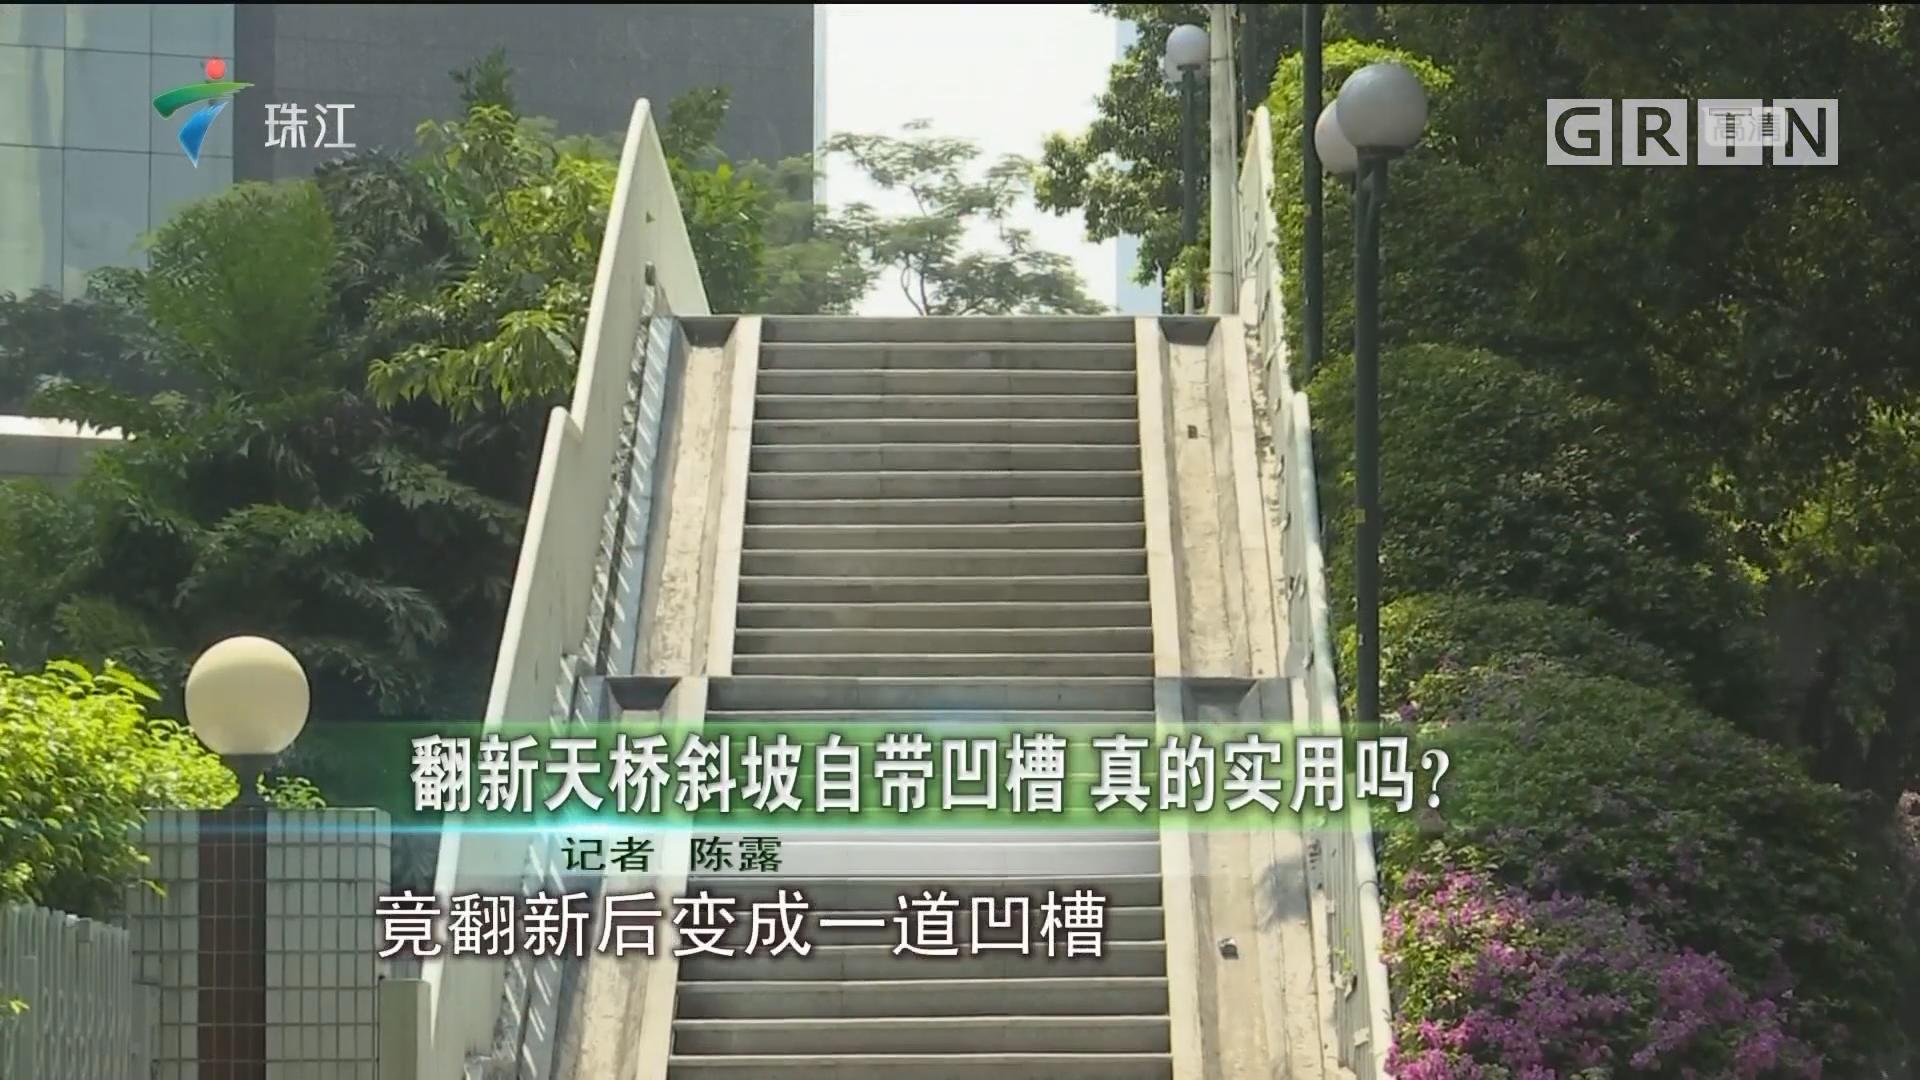 翻新天桥斜坡自带凹槽 真的实用吗?